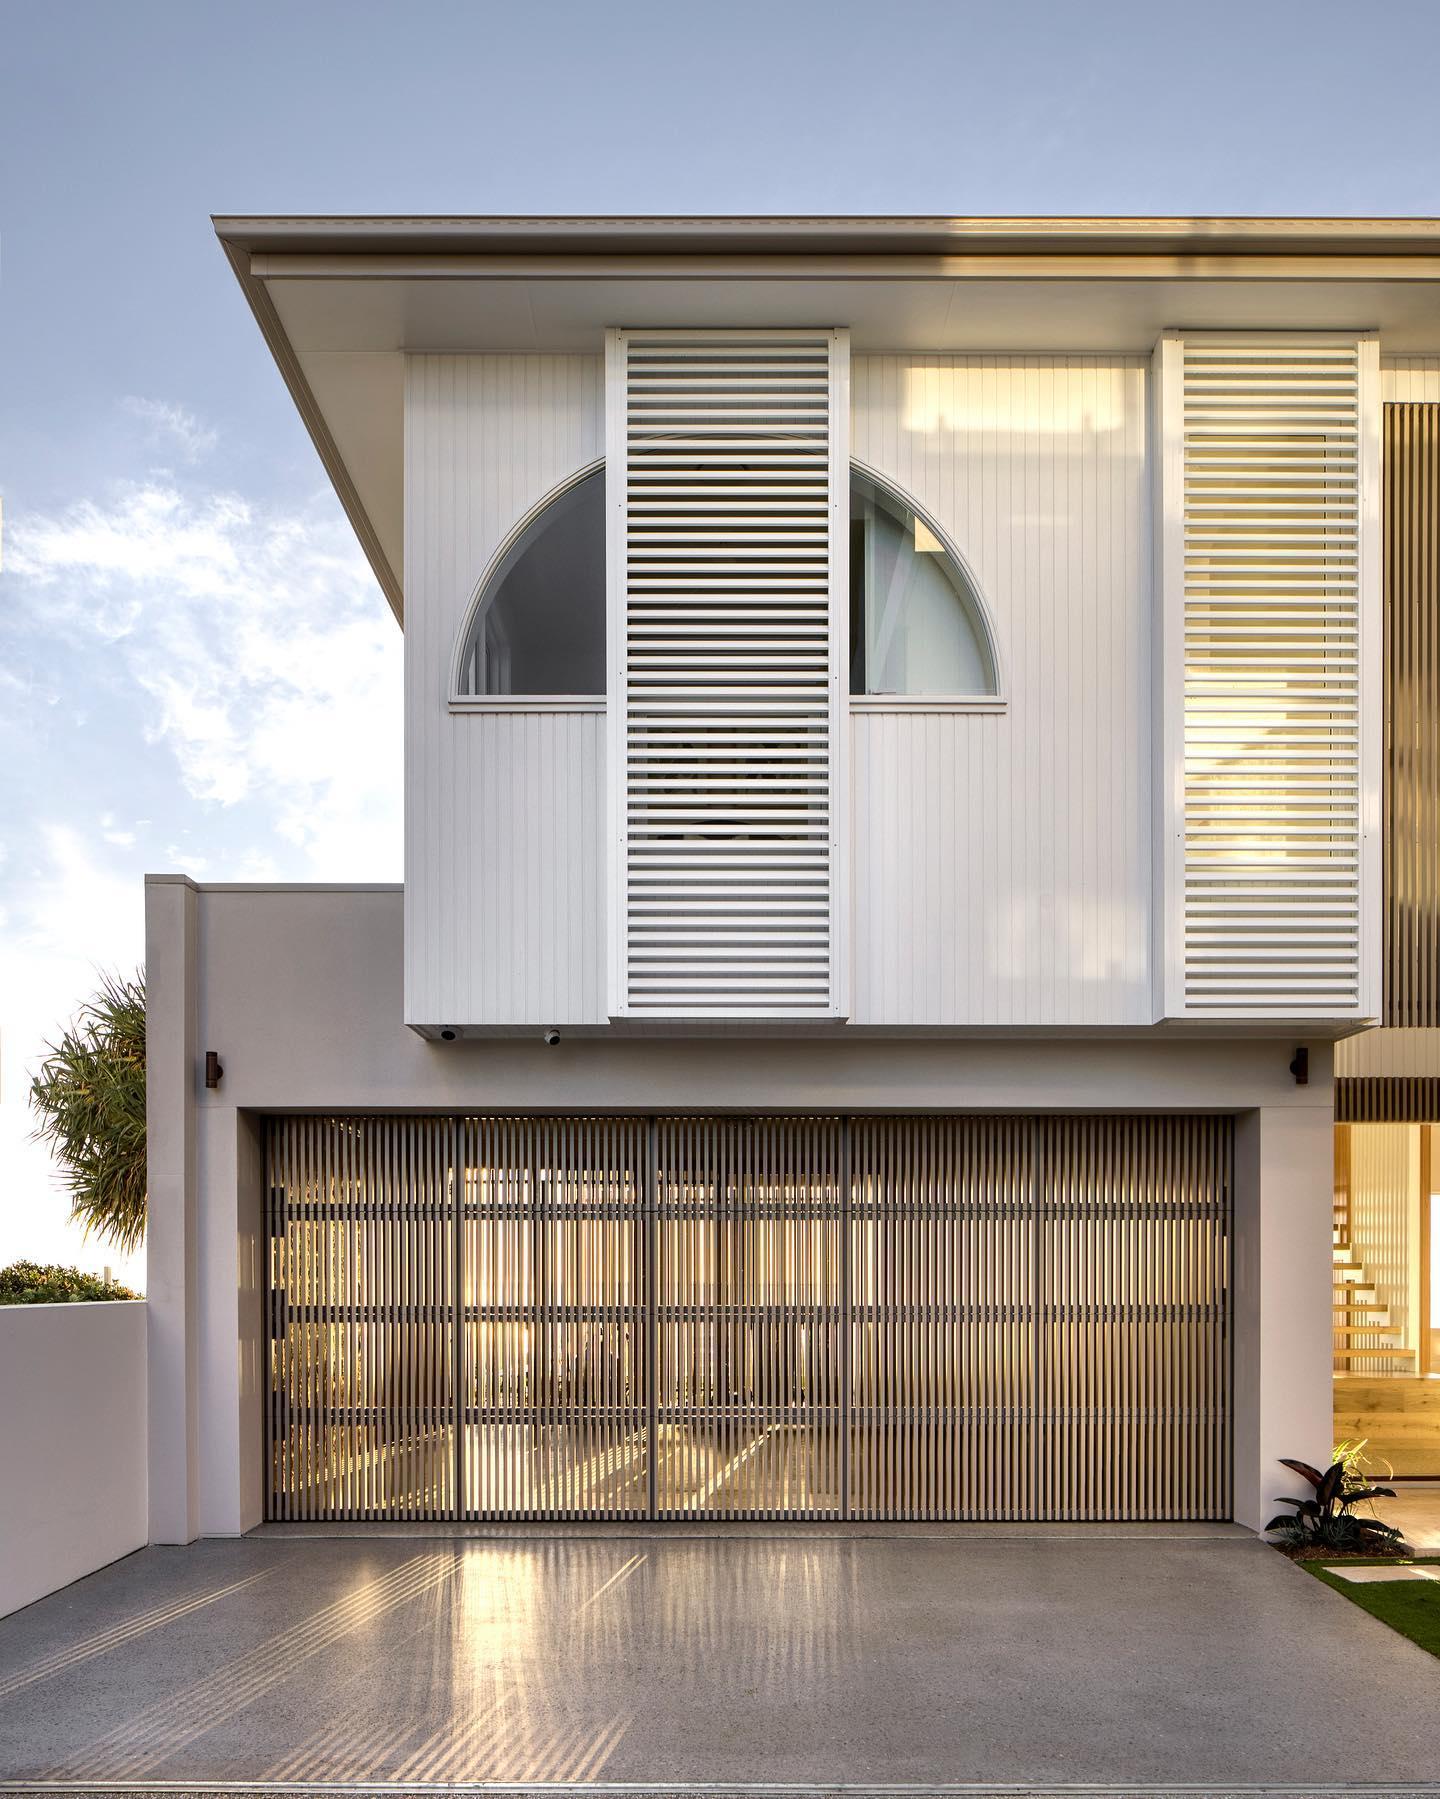 Tugun Prize Home- Meet The Design Team